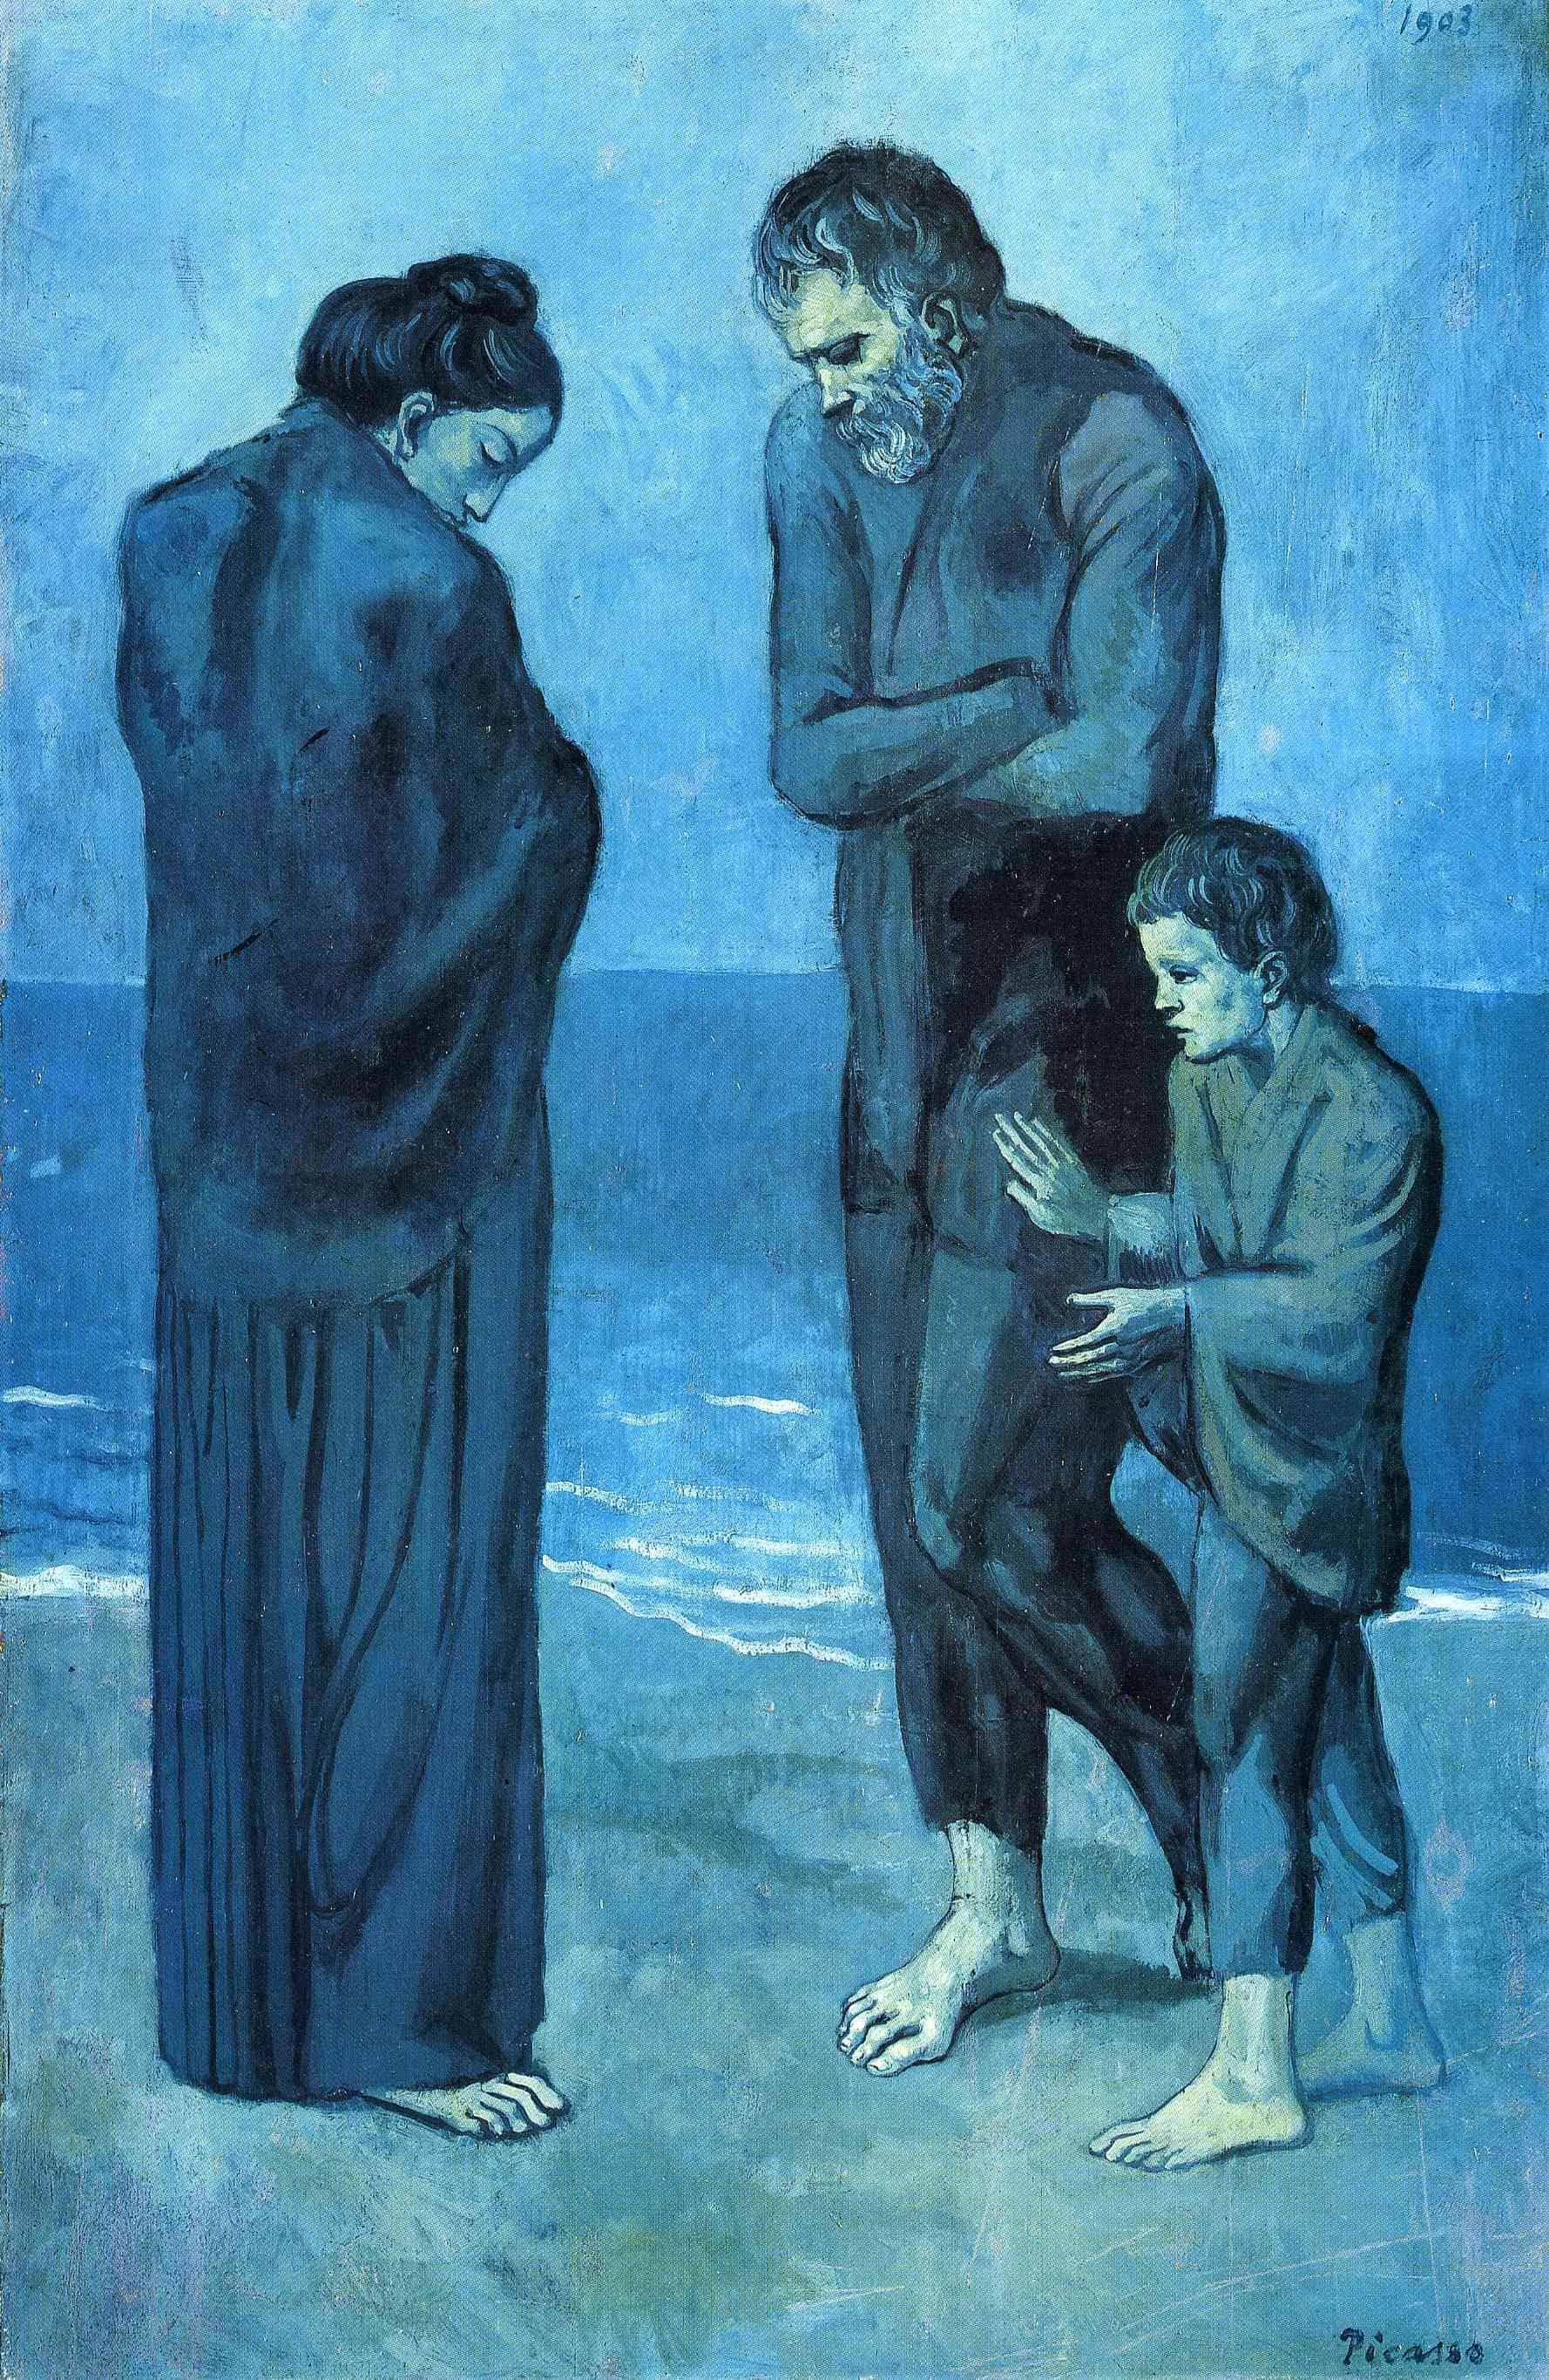 Pablo Picassos Blue Period